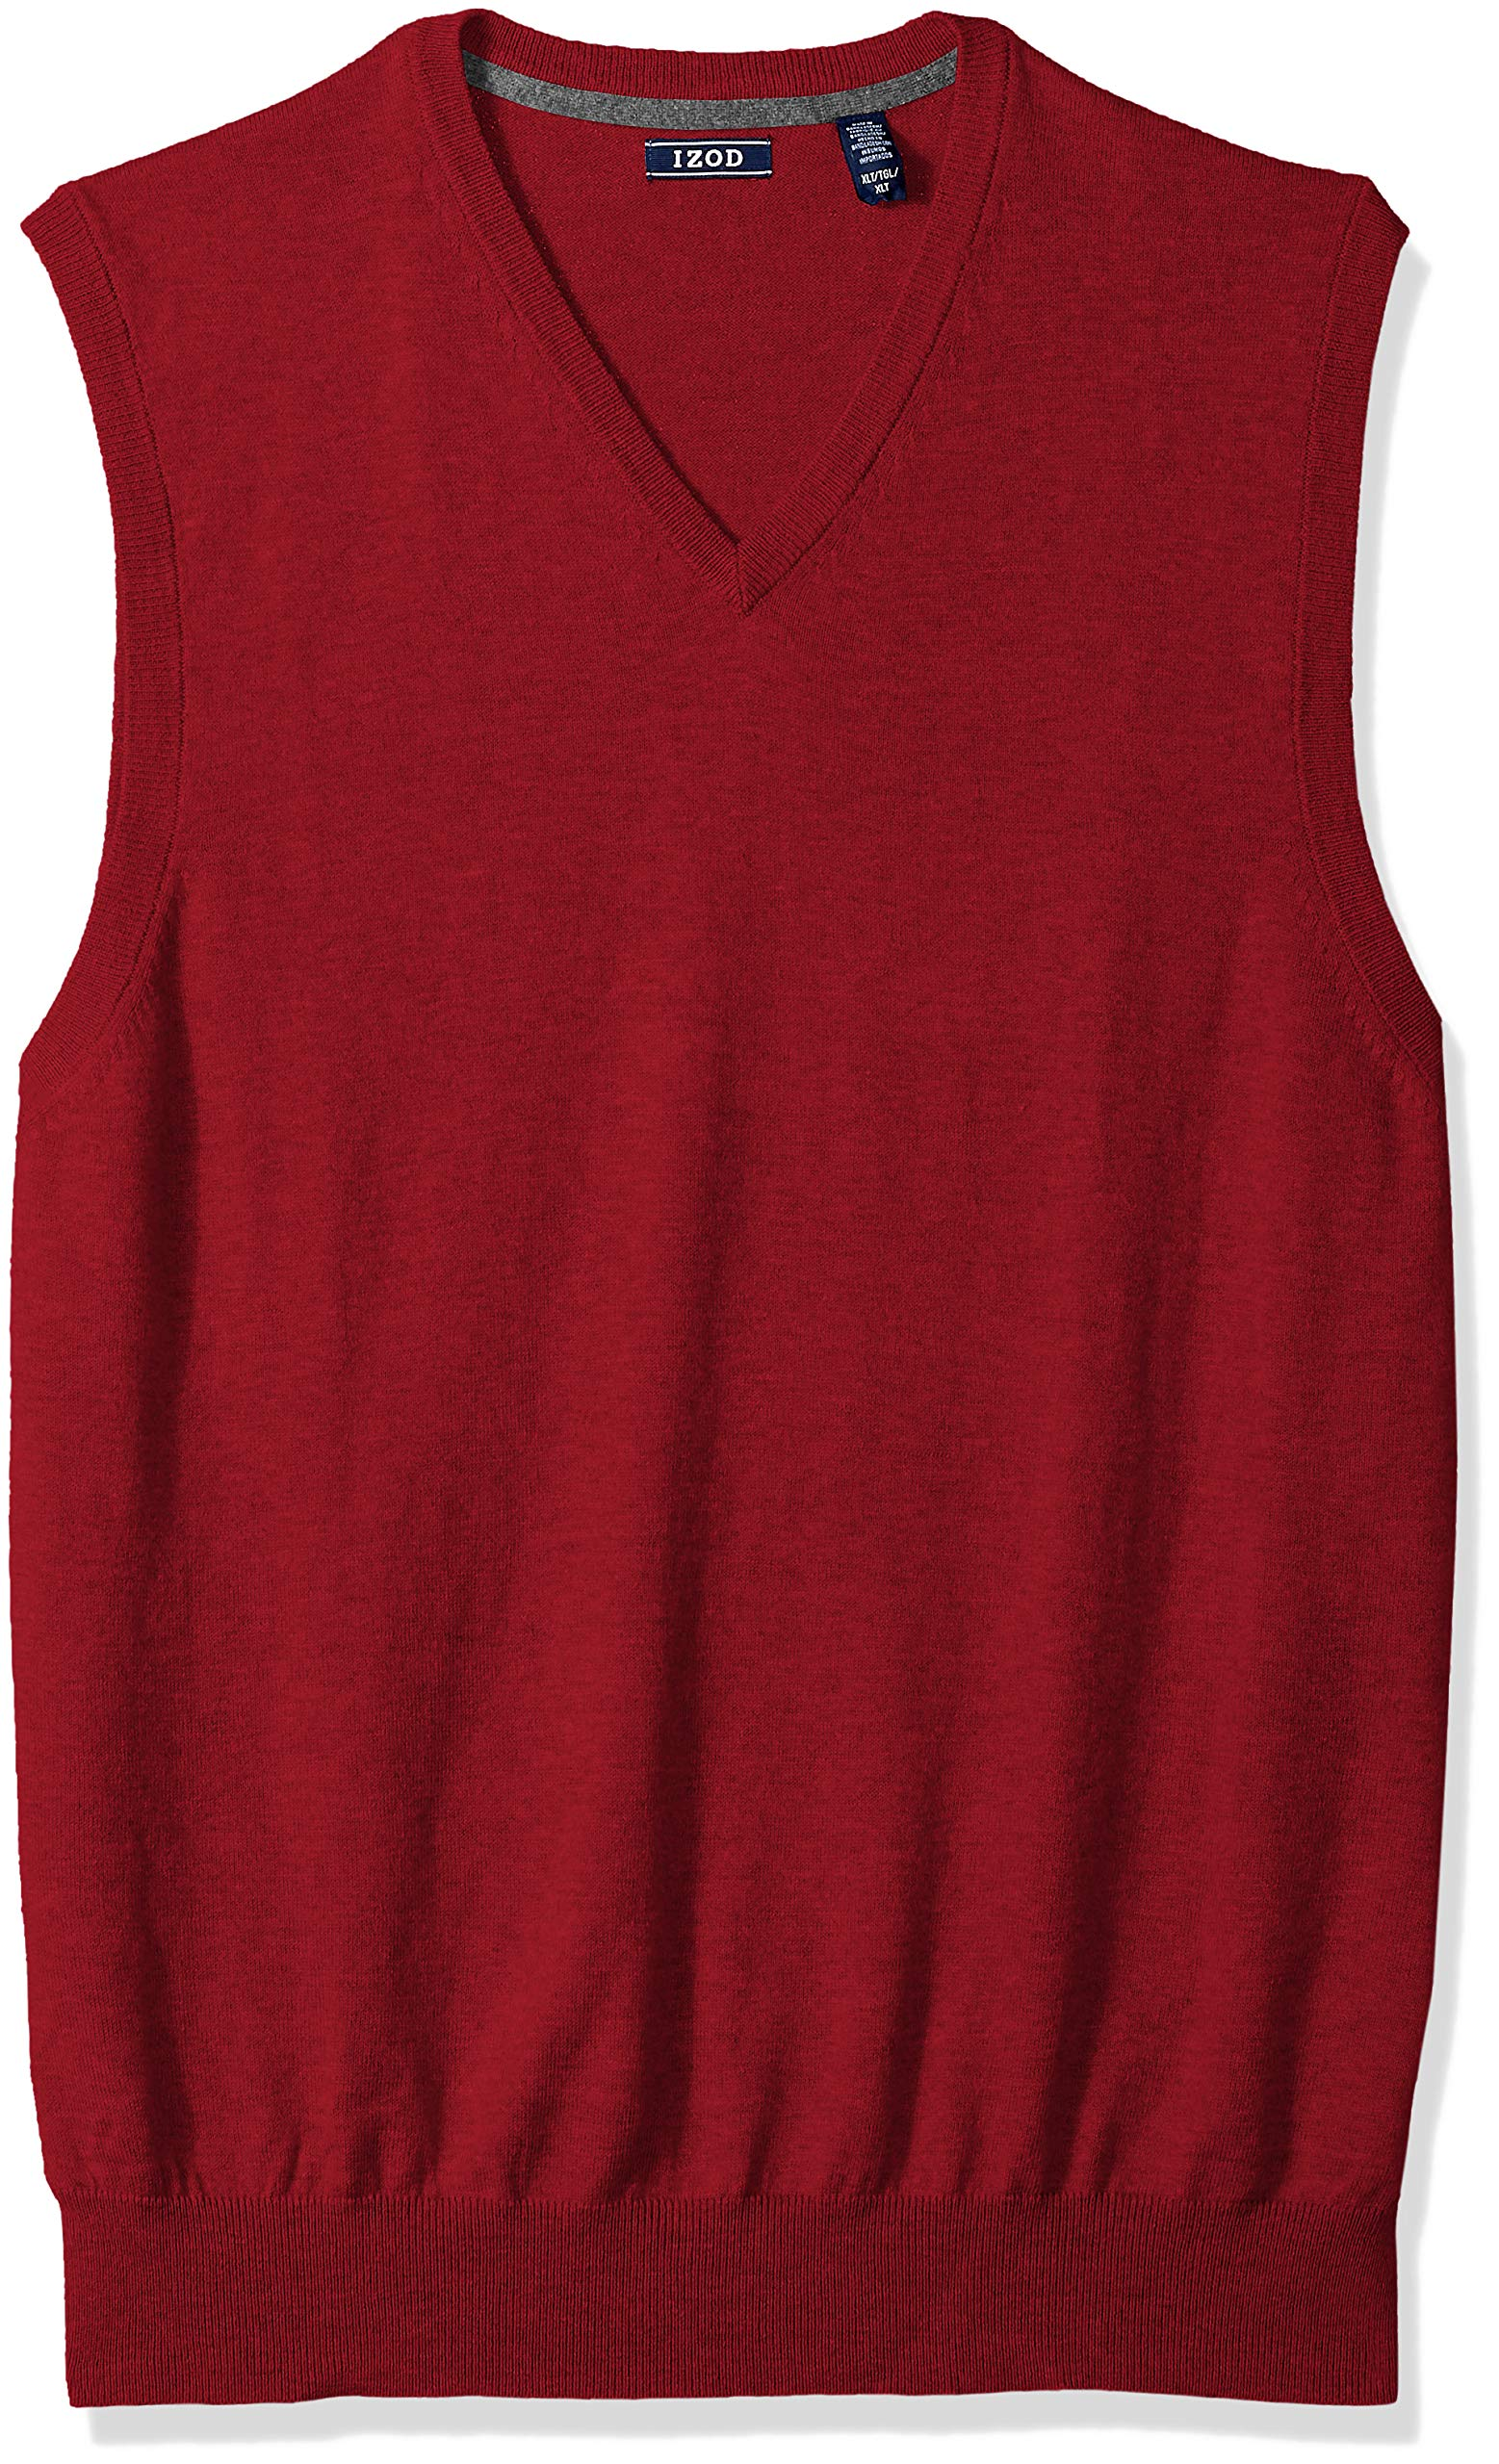 IZOD Men's Big and Tall Premium Essentials V-Neck Sweater Vest, New Biking red, X-Large Tall